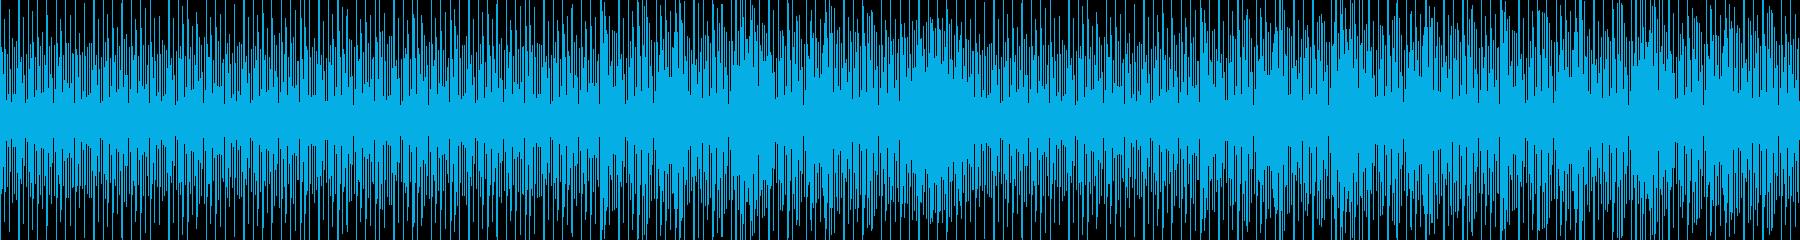 追跡をするときのBGM。【ループ】の再生済みの波形